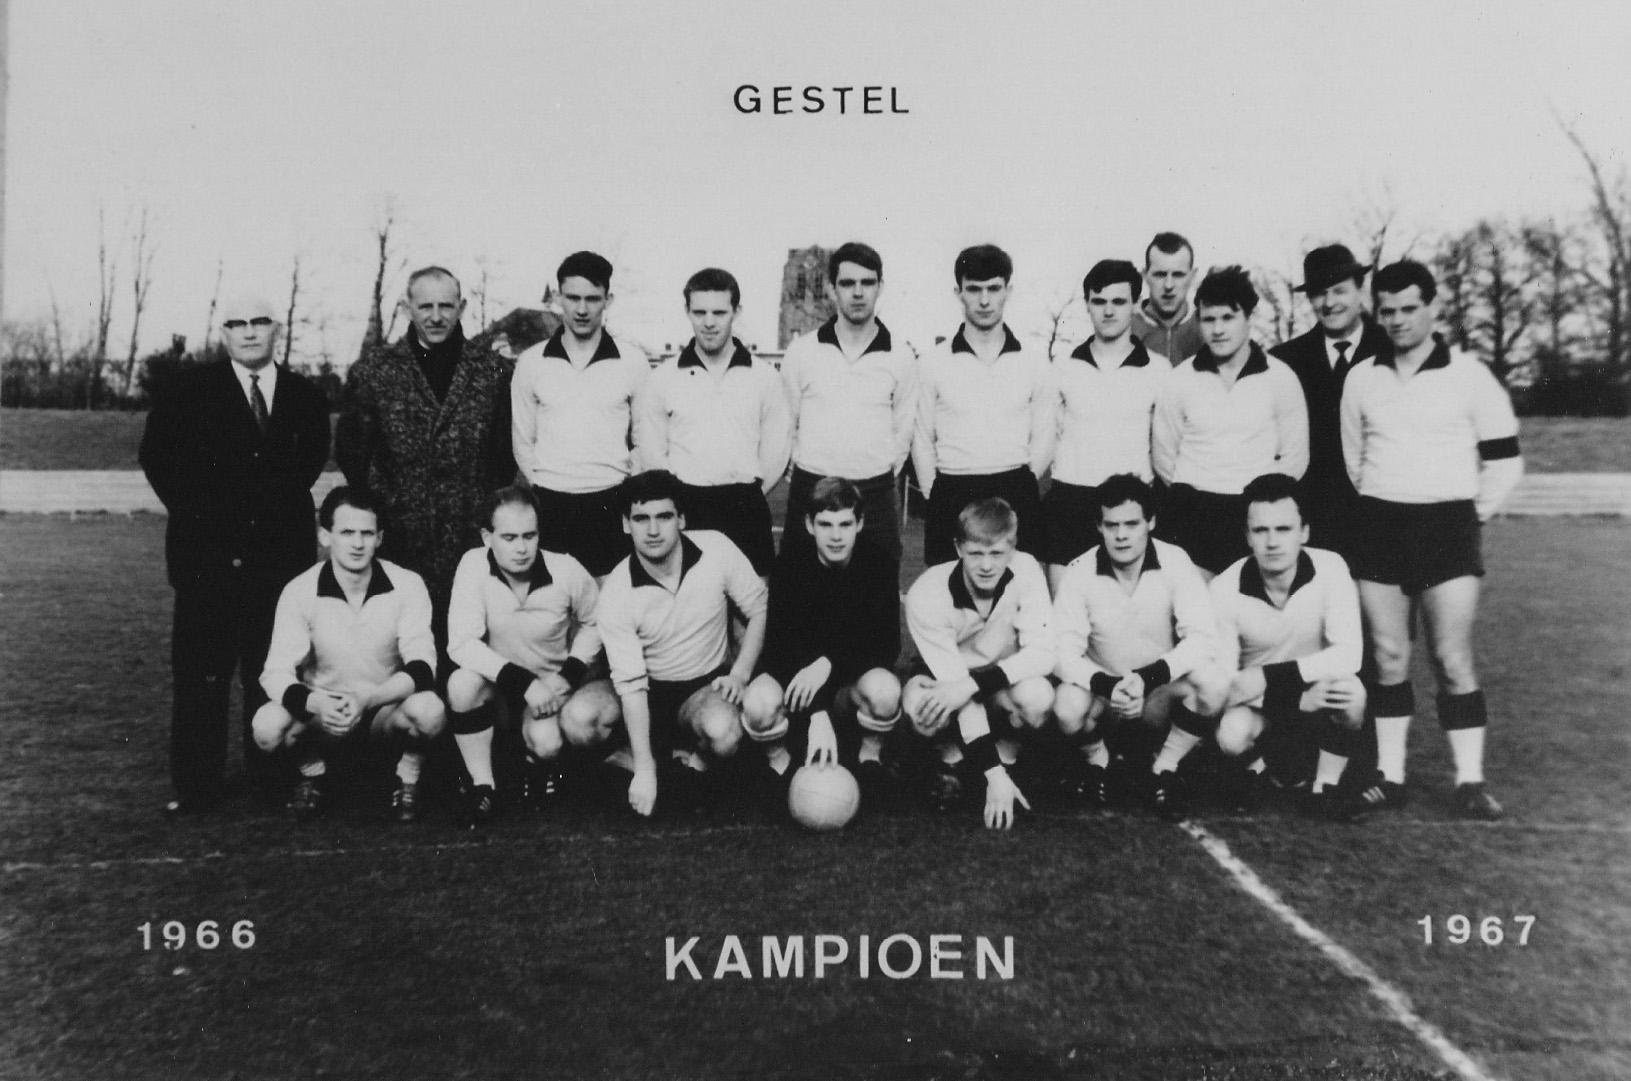 1967 Voetbalclub RKVV Sint Michielsgestel kampioen1967